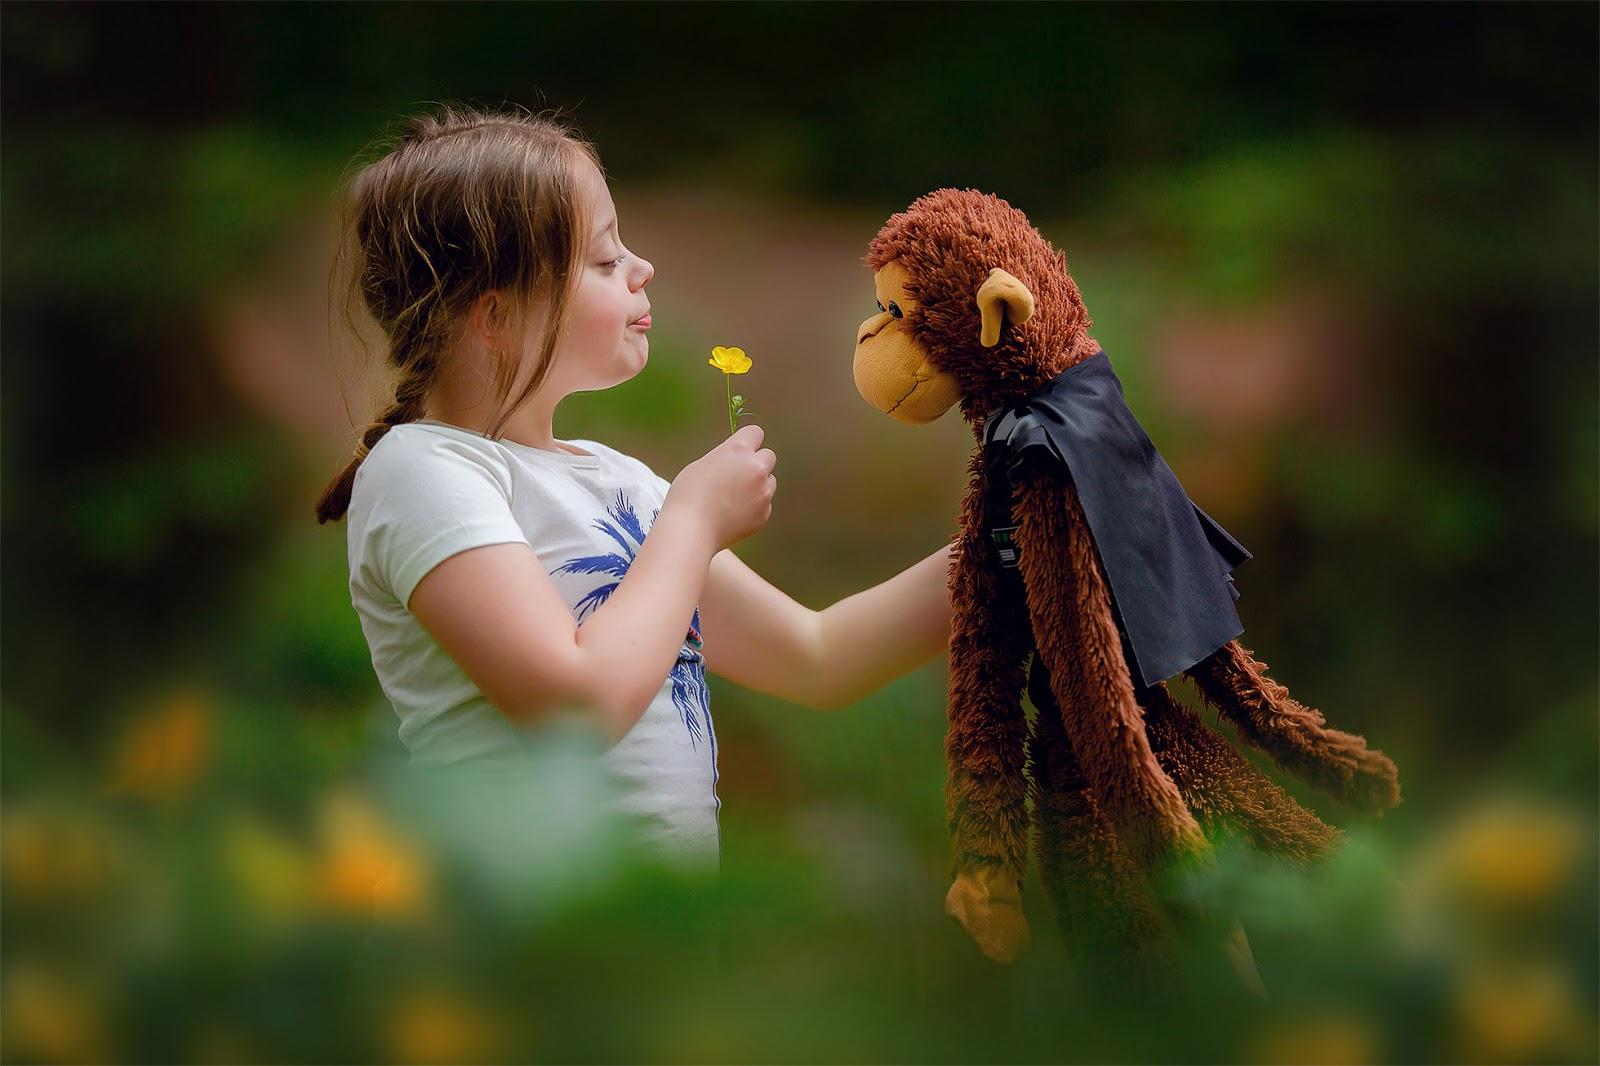 portret van een meisje met haar knuffel in de lente door fotograaf Willie Kers uit Apeldoorn